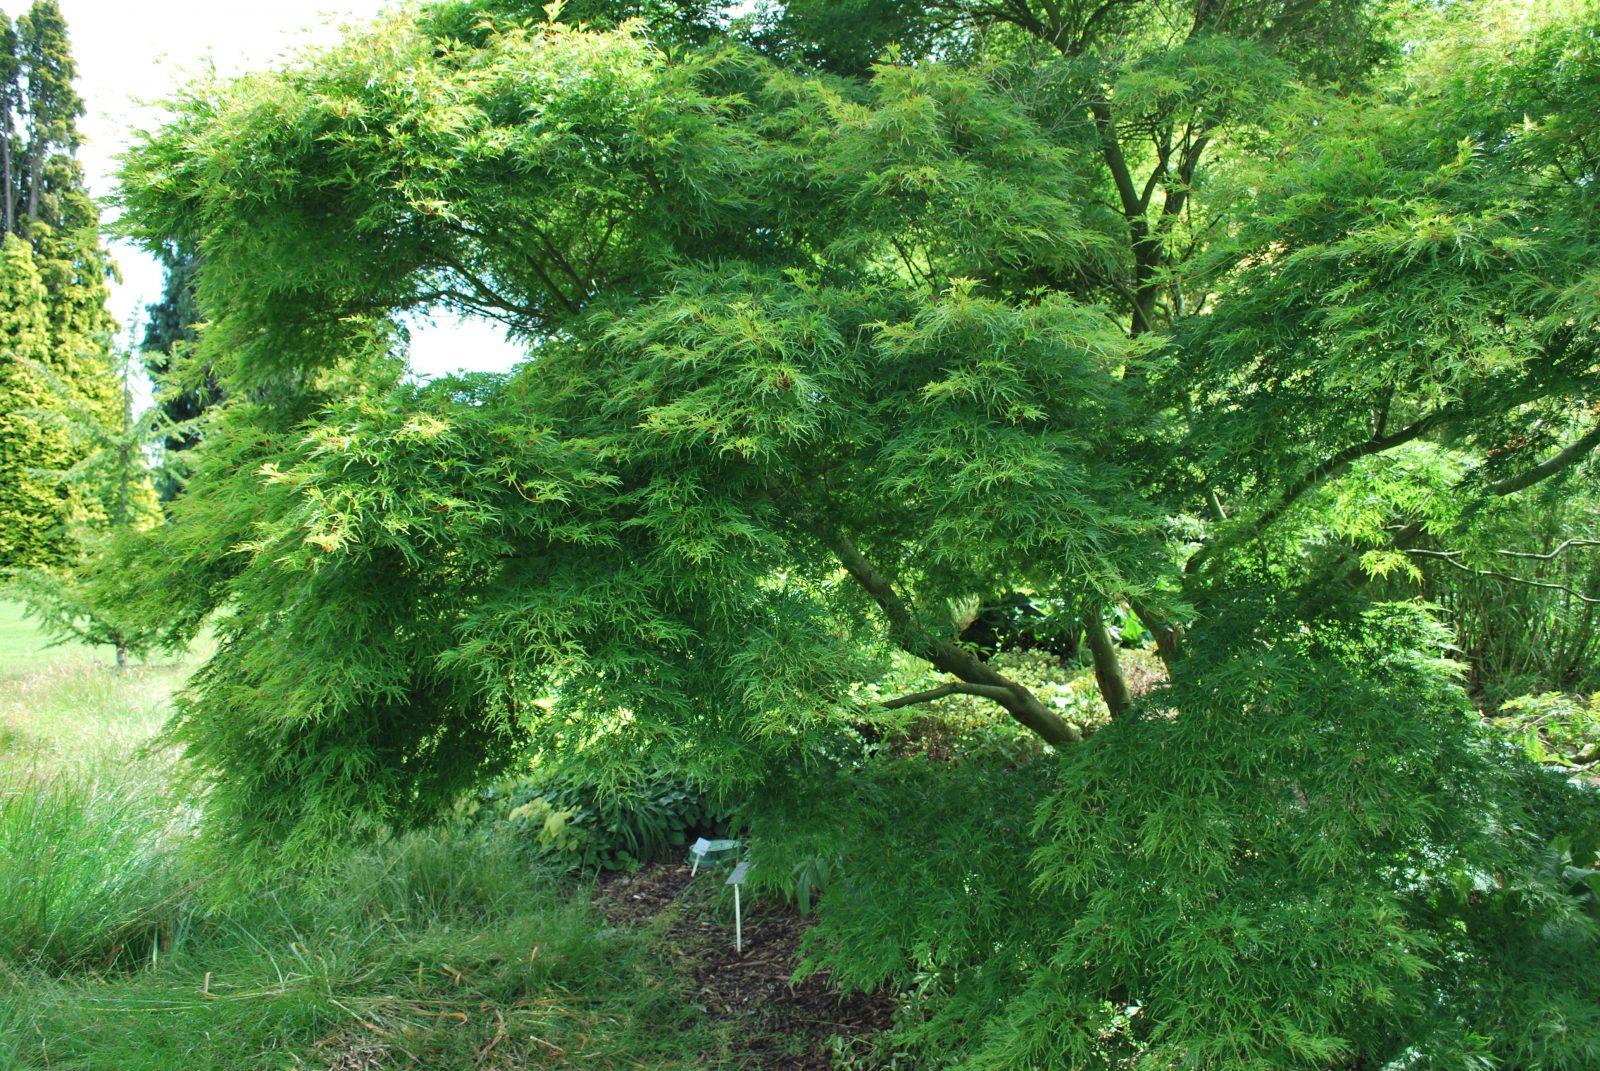 Acer Palmatum Dissectum Garden Shrub For Sale Uk Letsgoplantingcouk